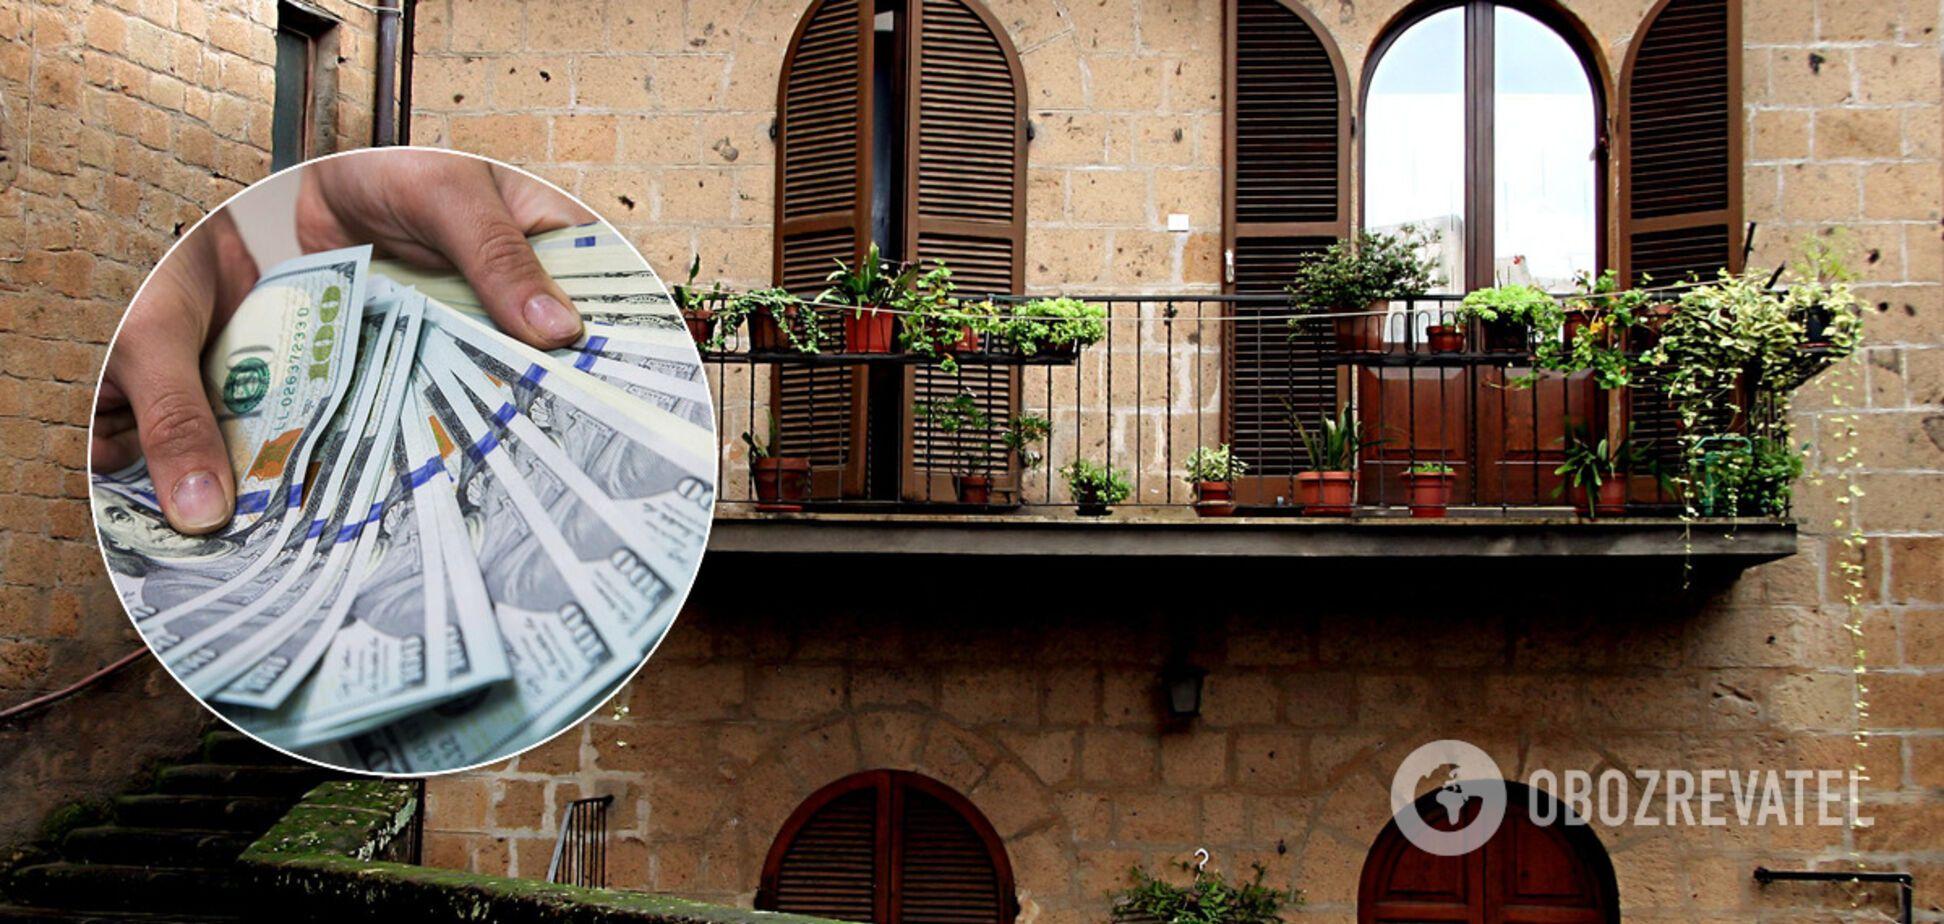 Коронавирус обвалил цены на жилье в Европе на 40%